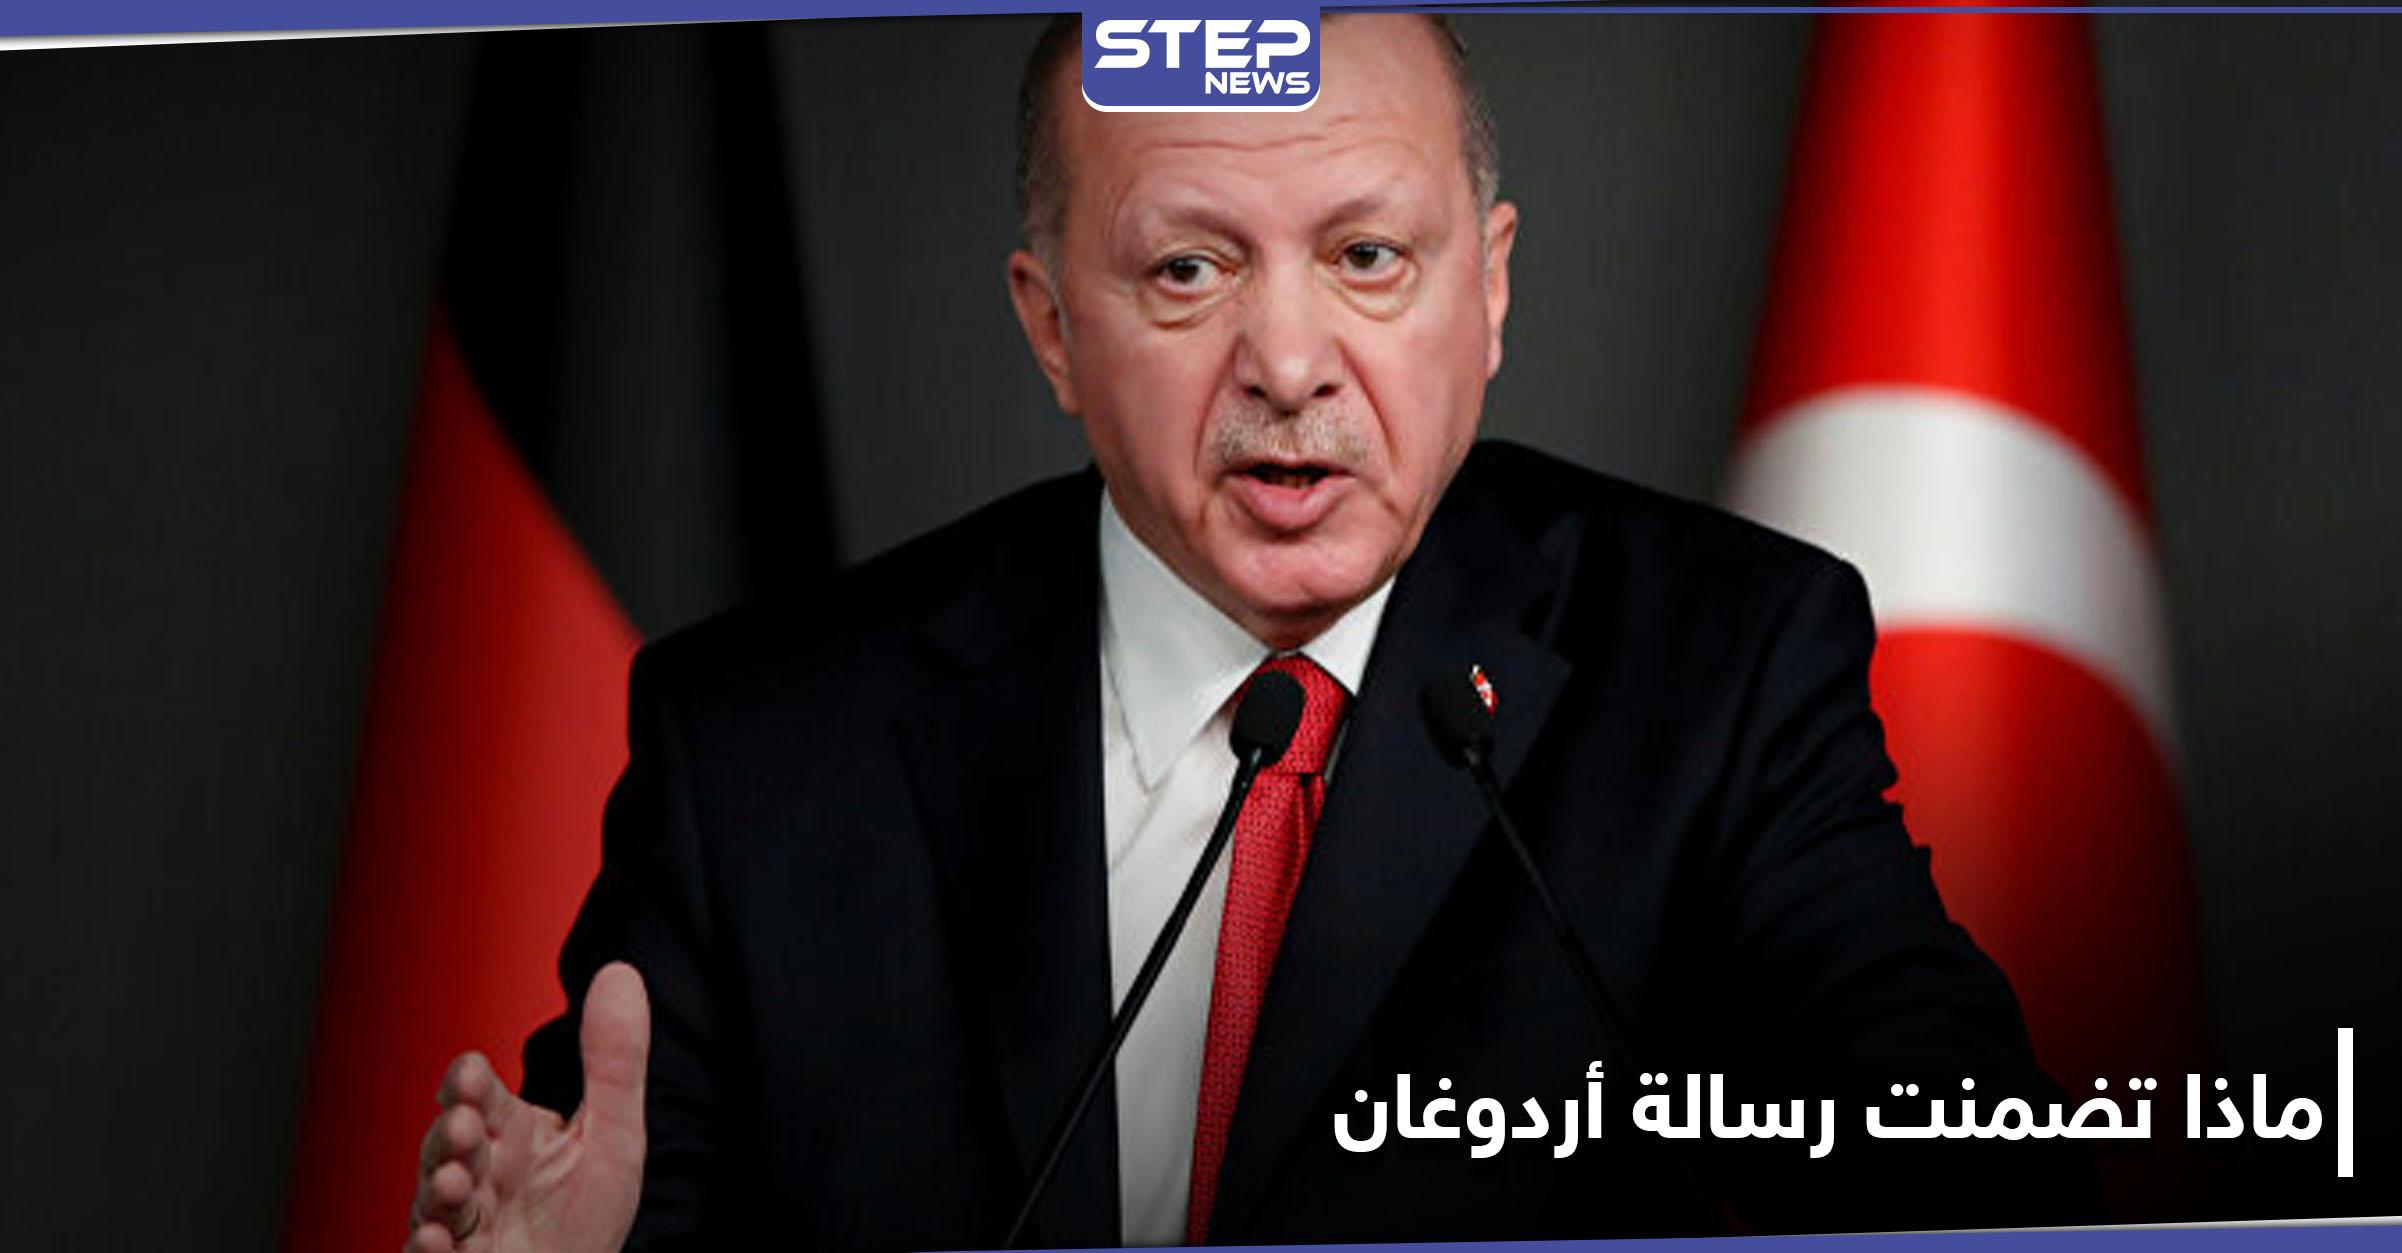 أردوغان يوجه رسالة إلى دول الخليج